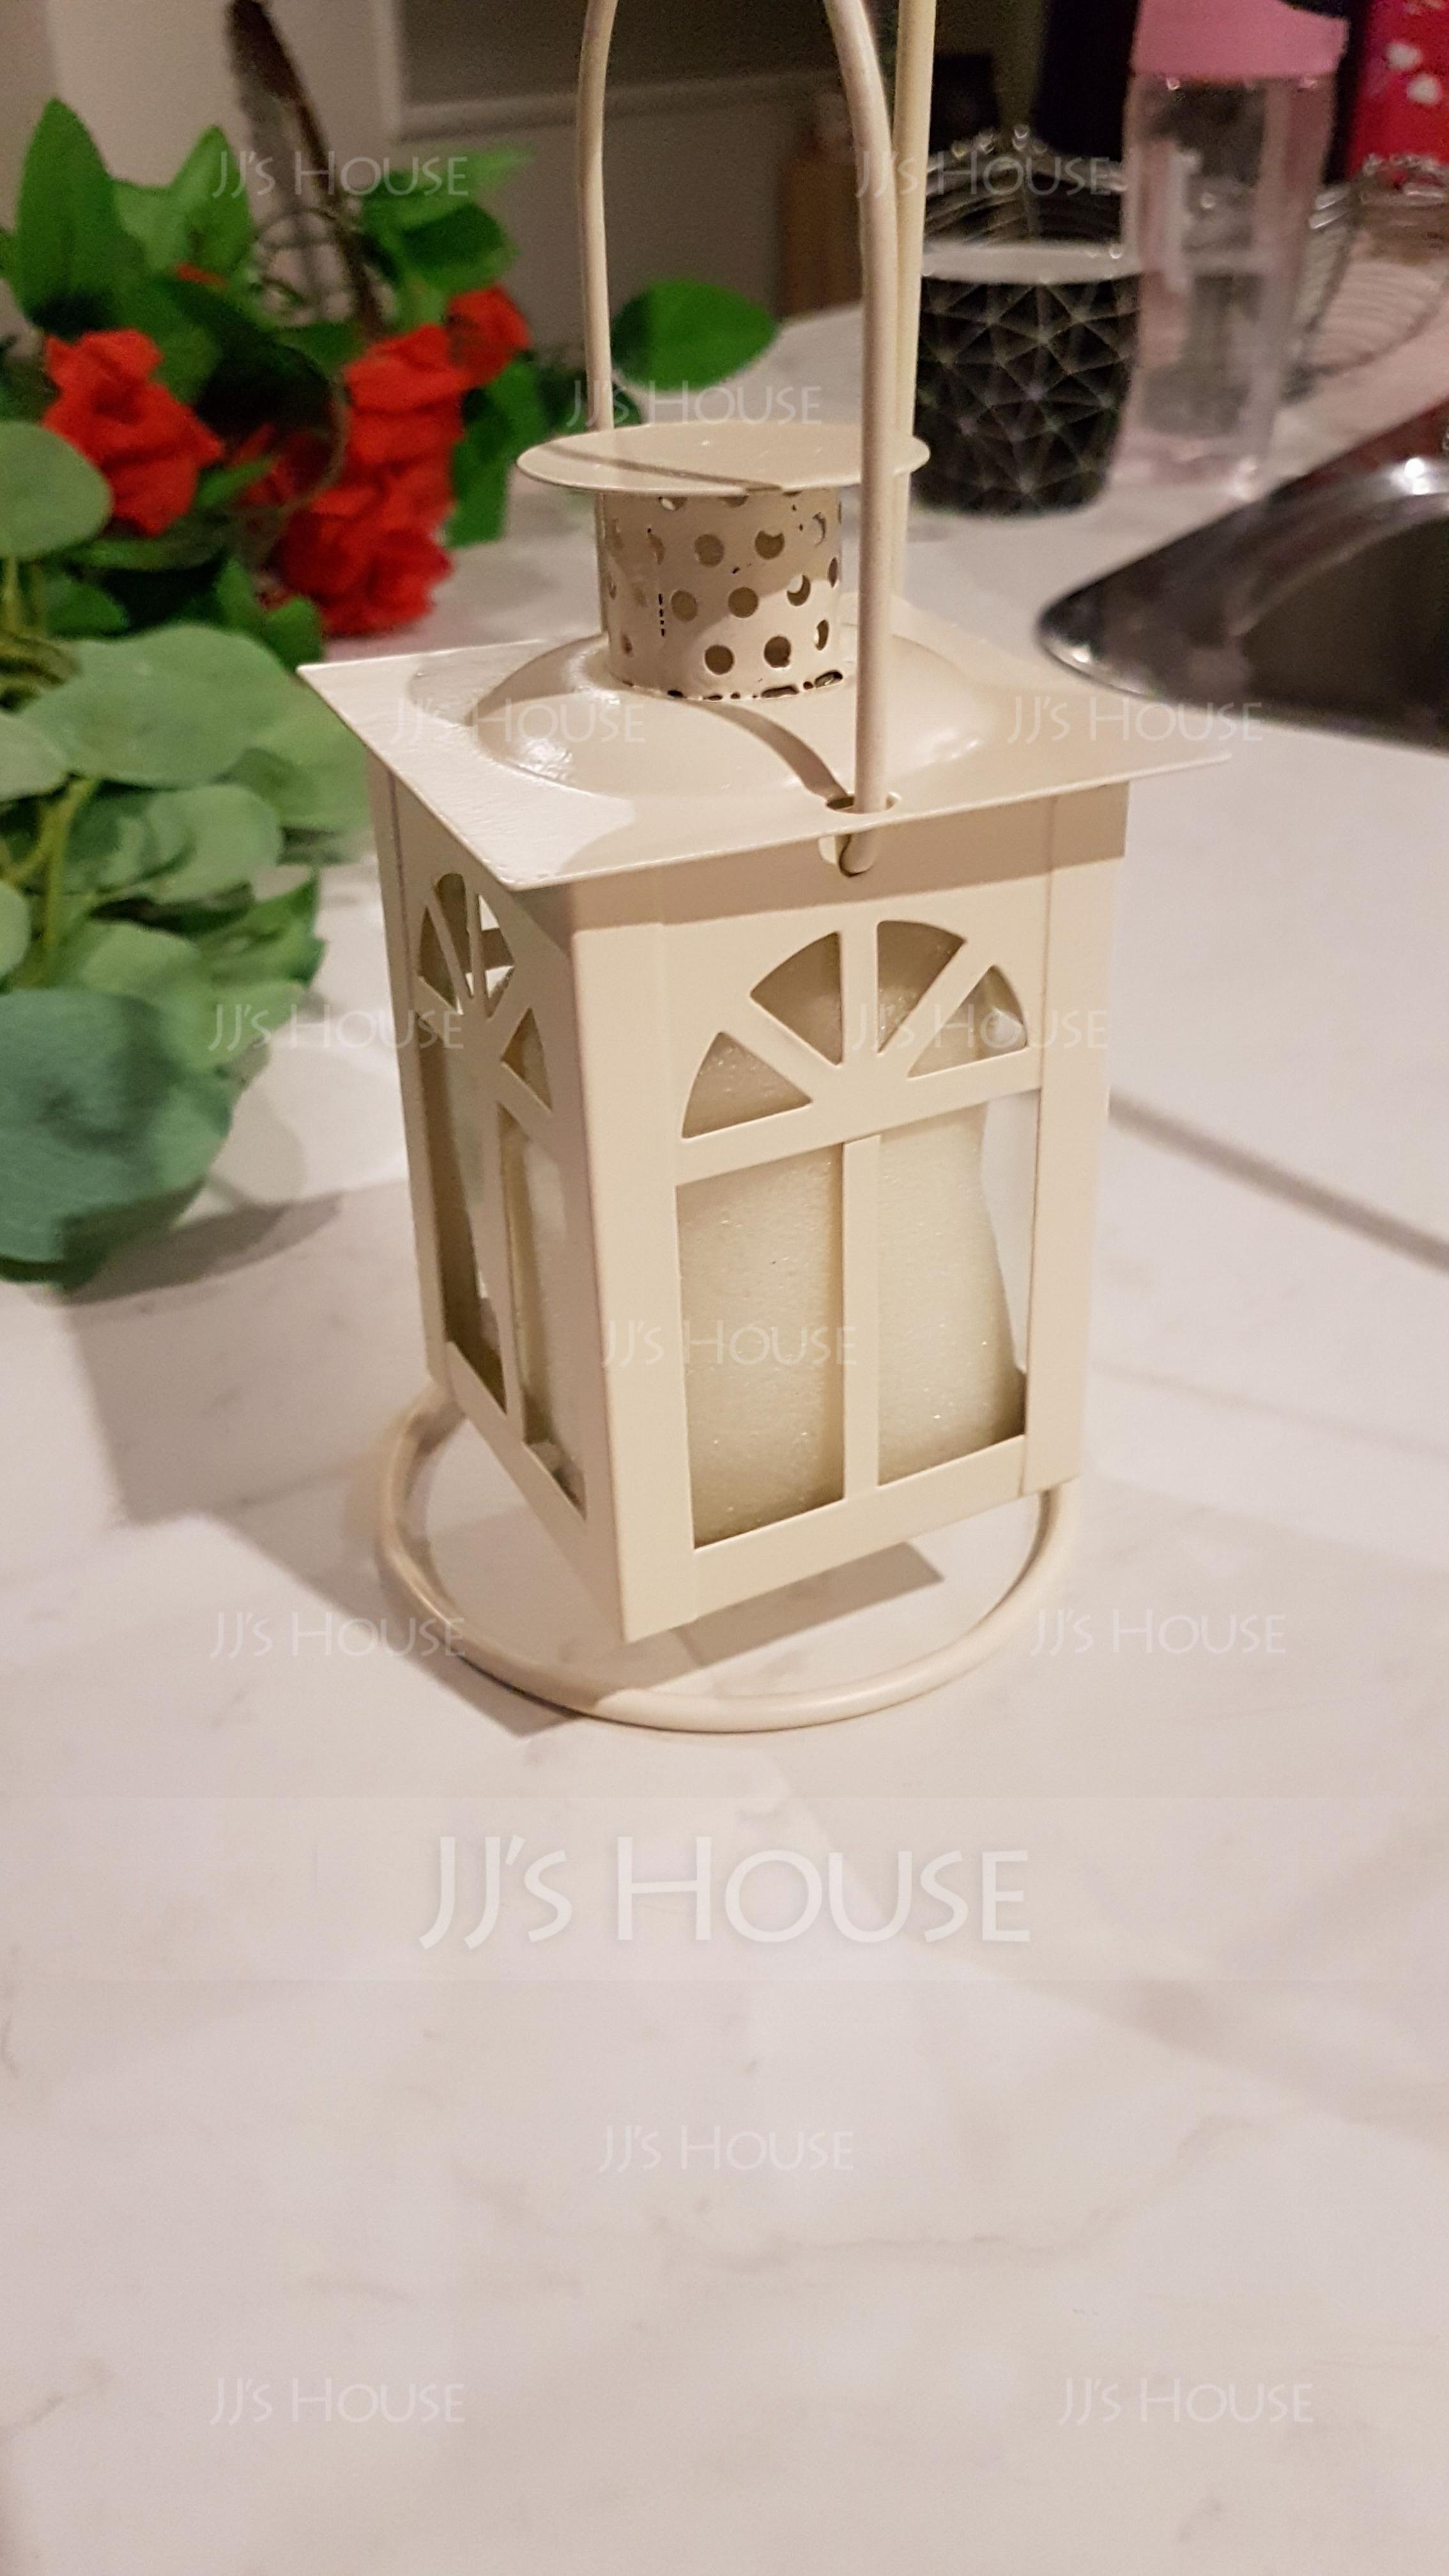 美しい ソリッドカラー アイアン ガラス キャンドルホルダー (単一片で販売)